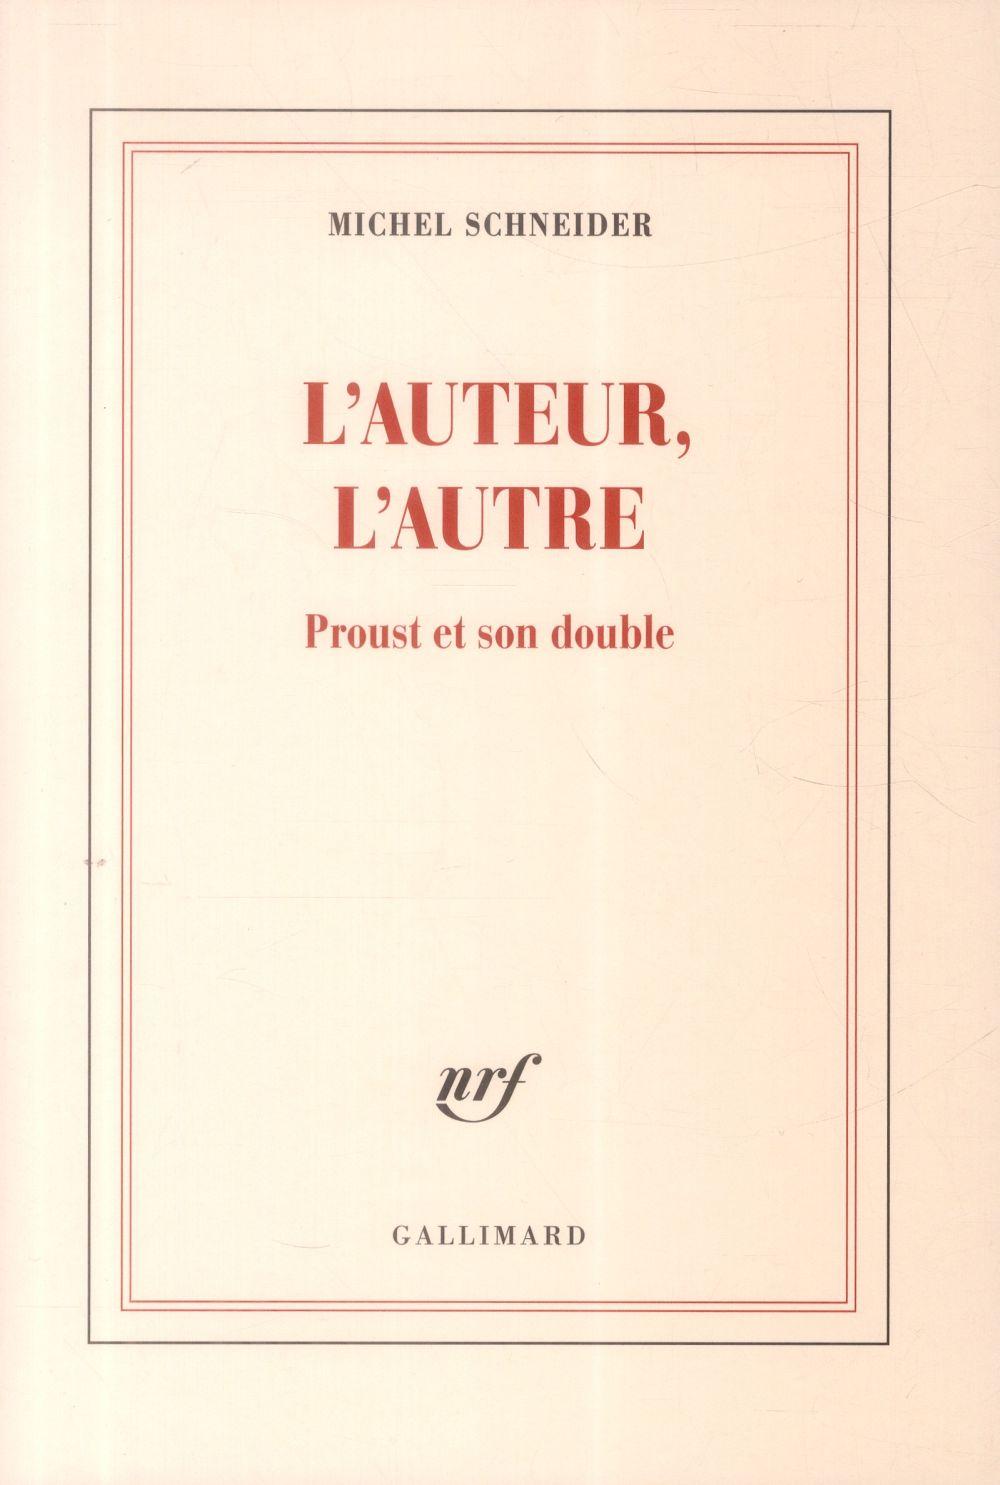 L'auteur, l'autre ; Proust en miroir